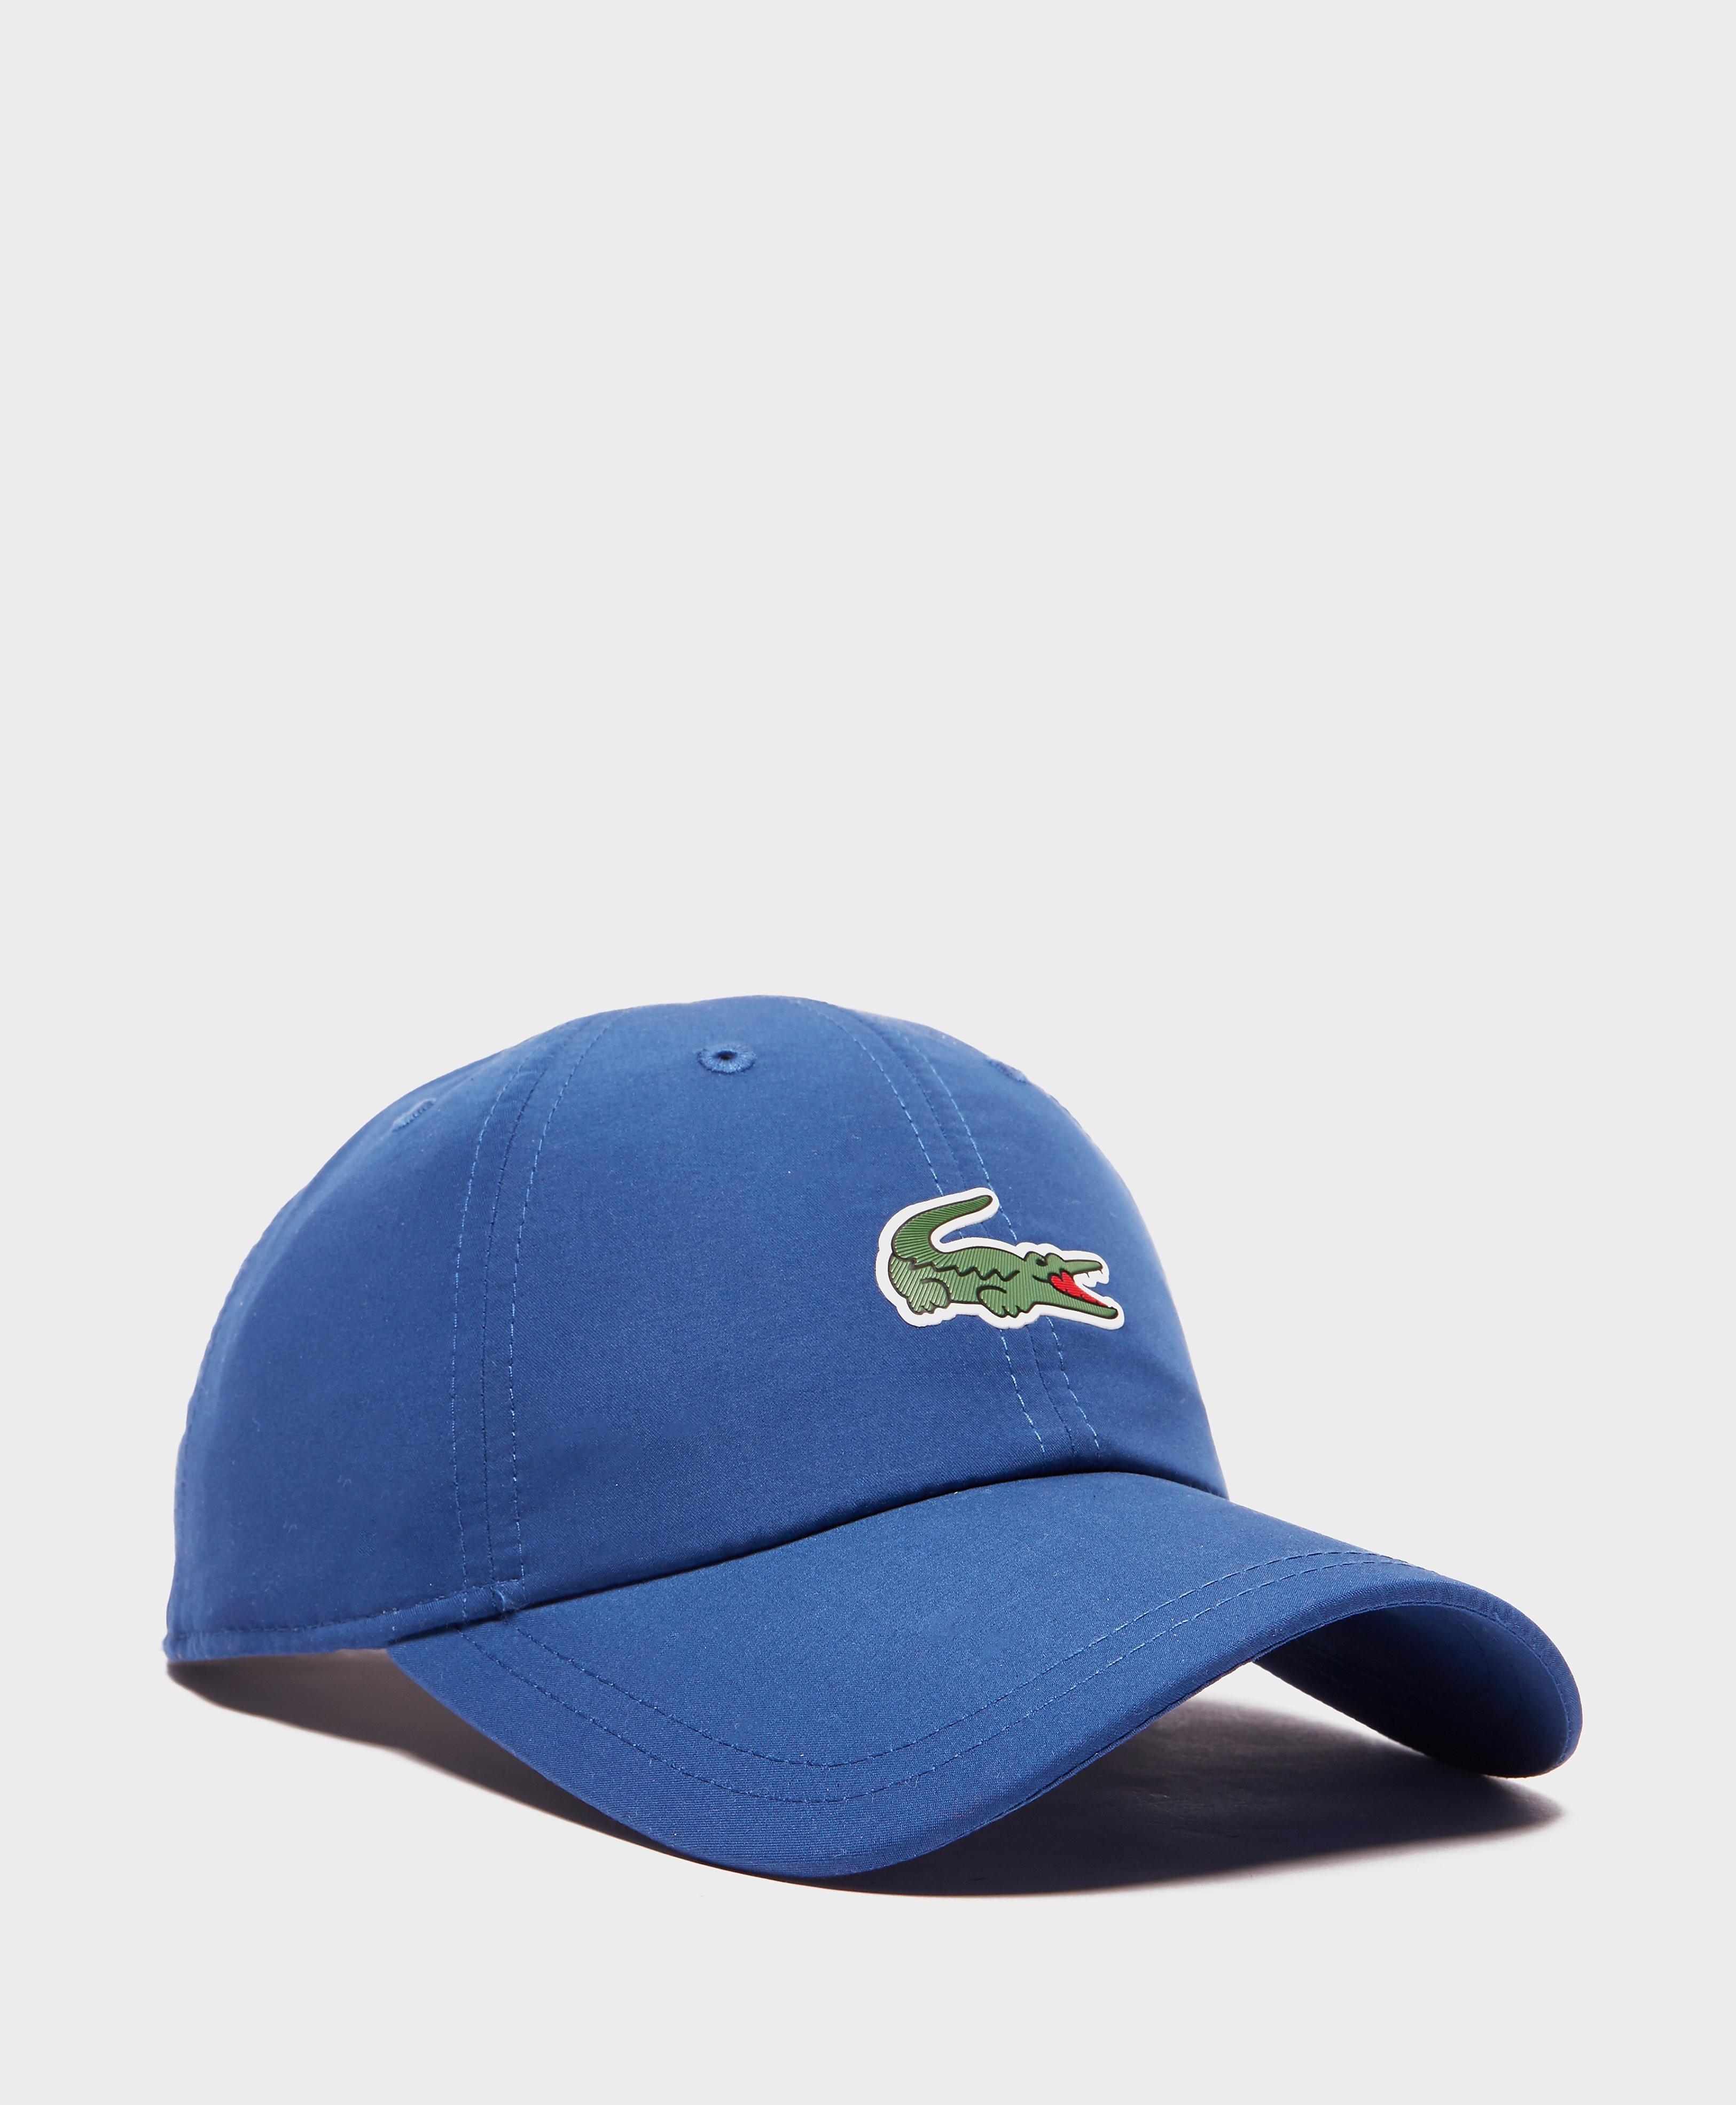 Lacoste Croc Poly Cap